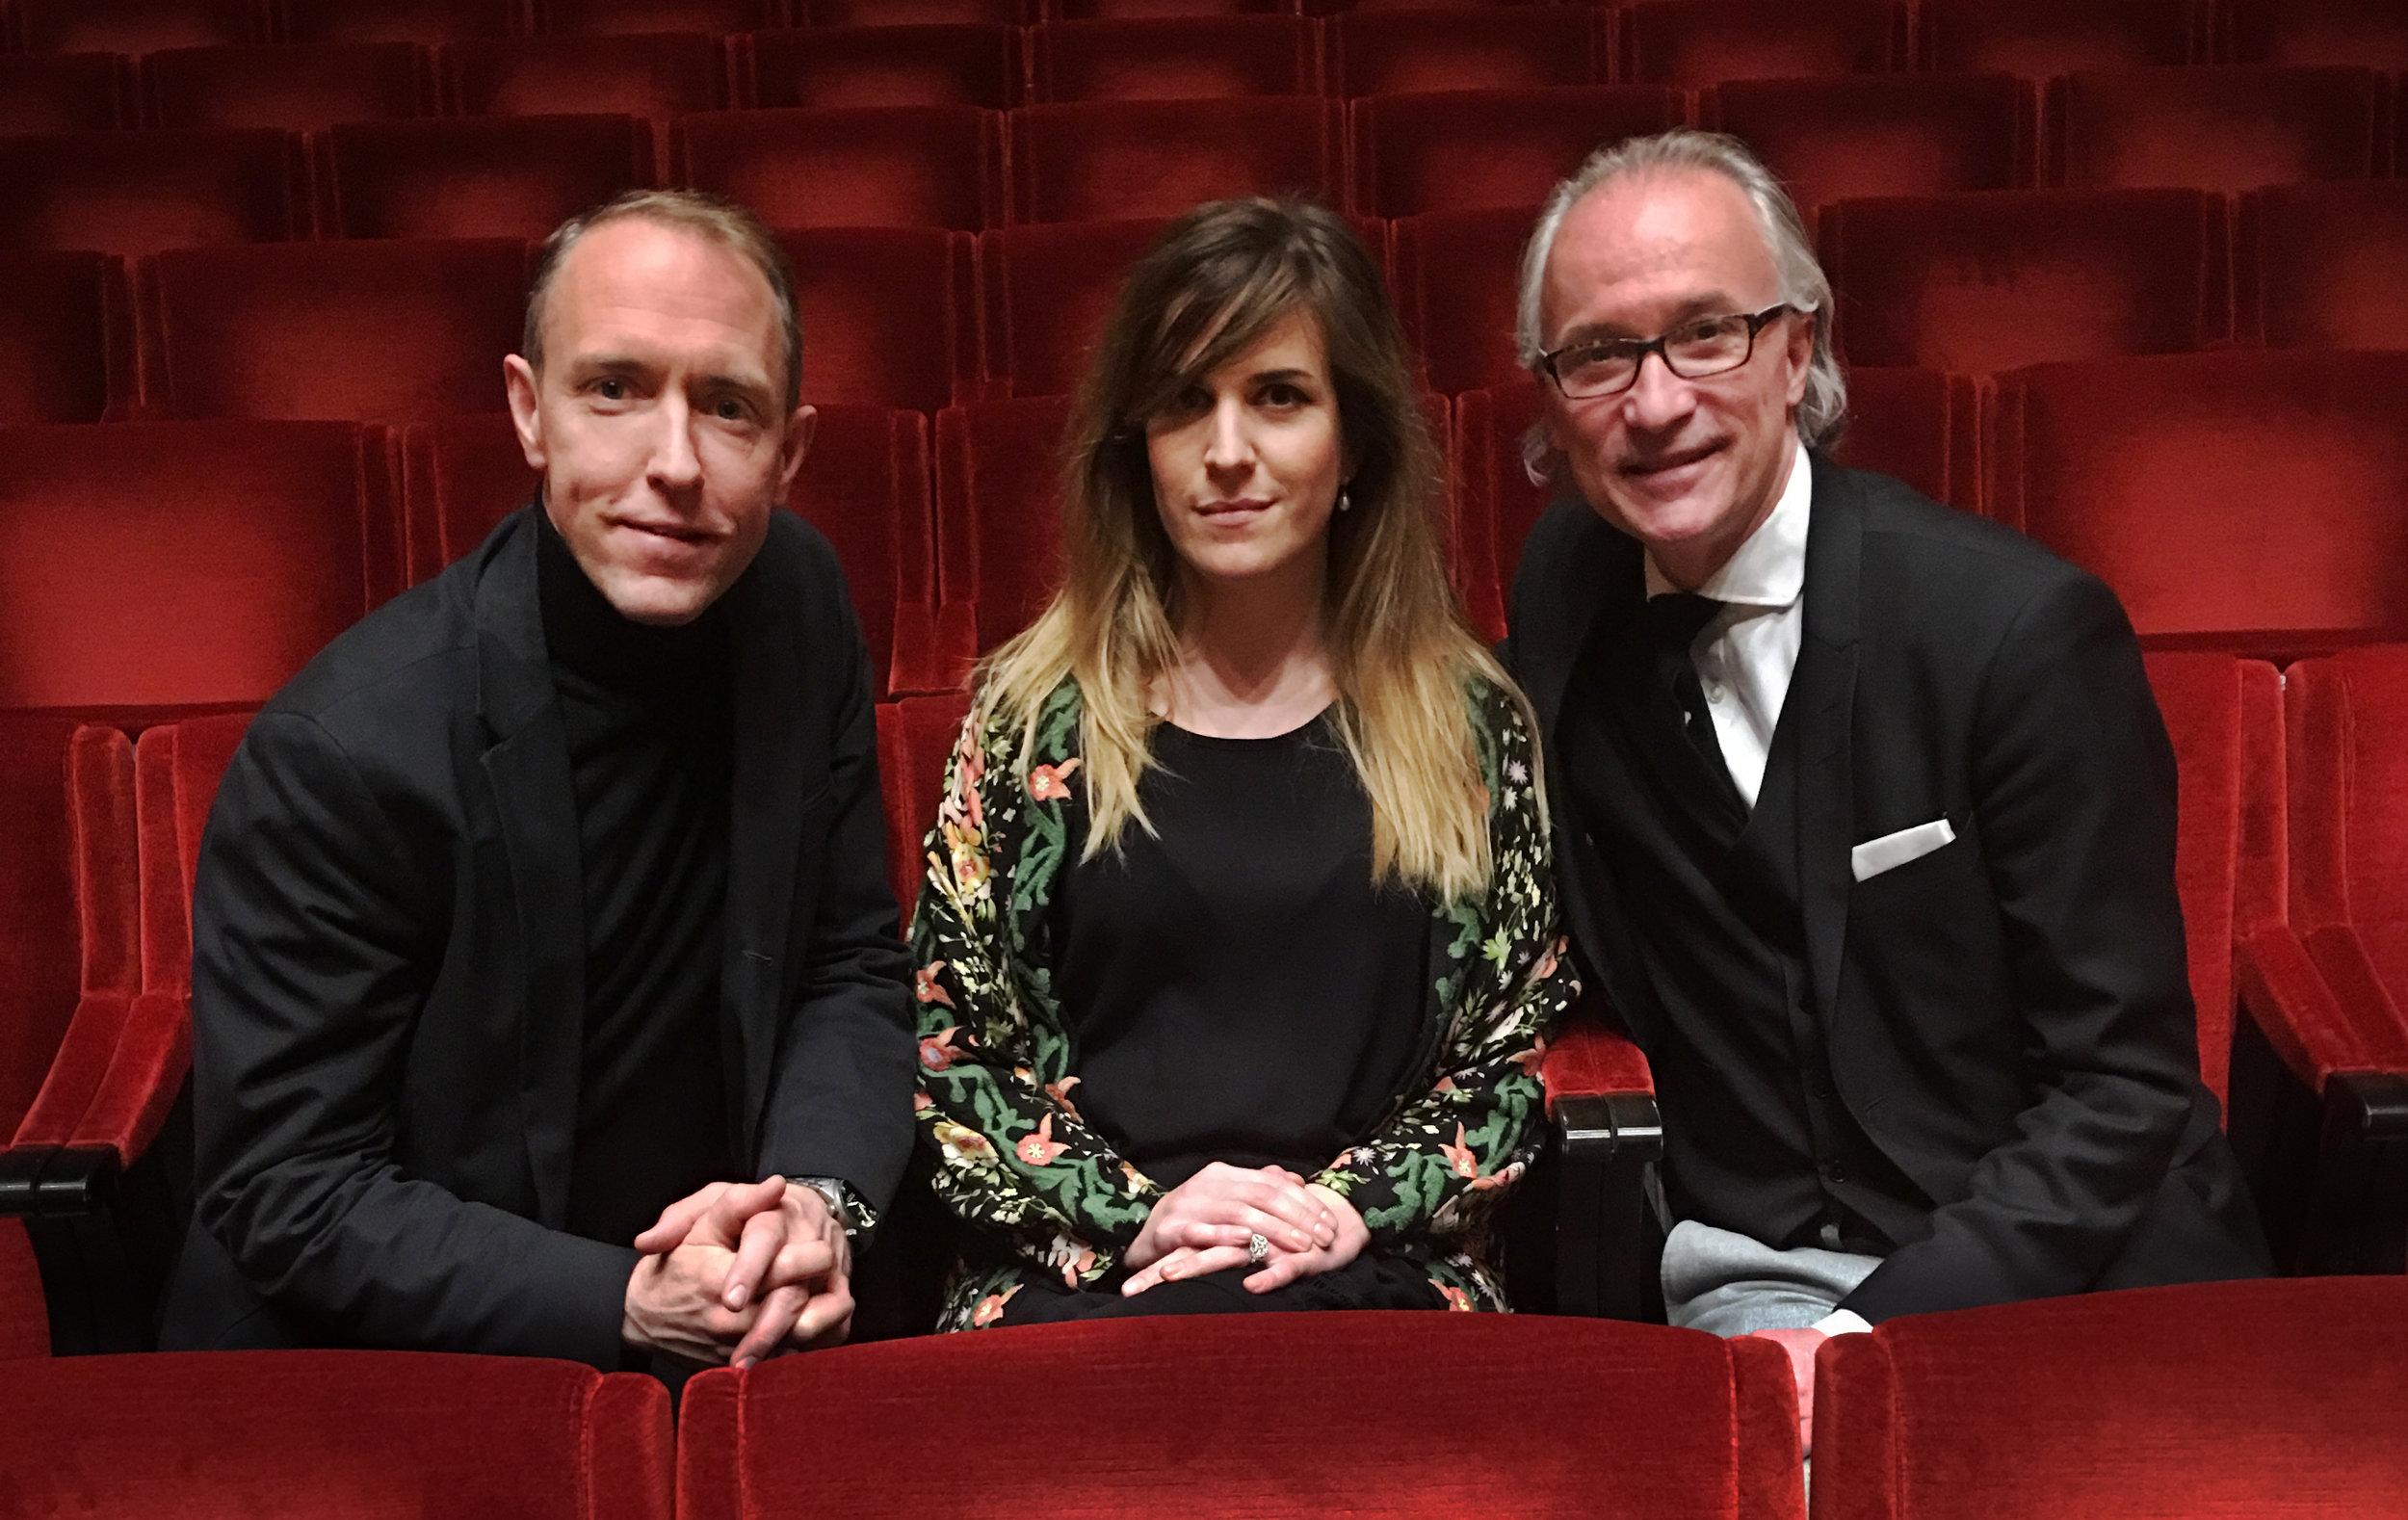 Mattias Klum, Iris Alexandrov and Stefan Forsberg (Konserthuschef).